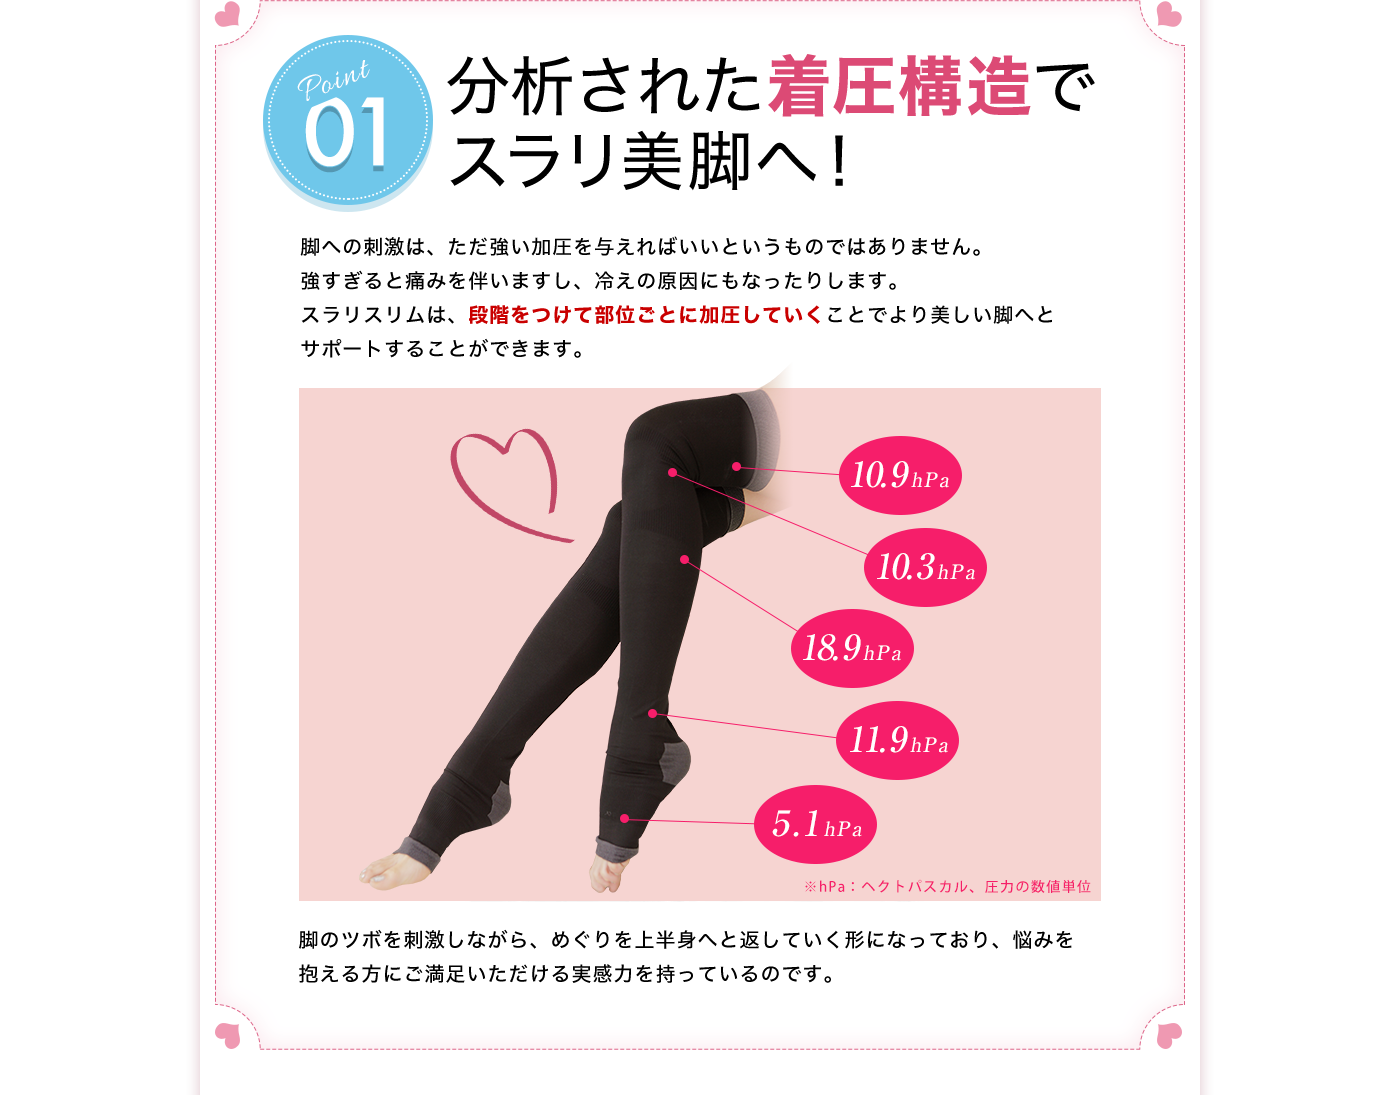 スラリスリムの着圧構造で脚痩せ